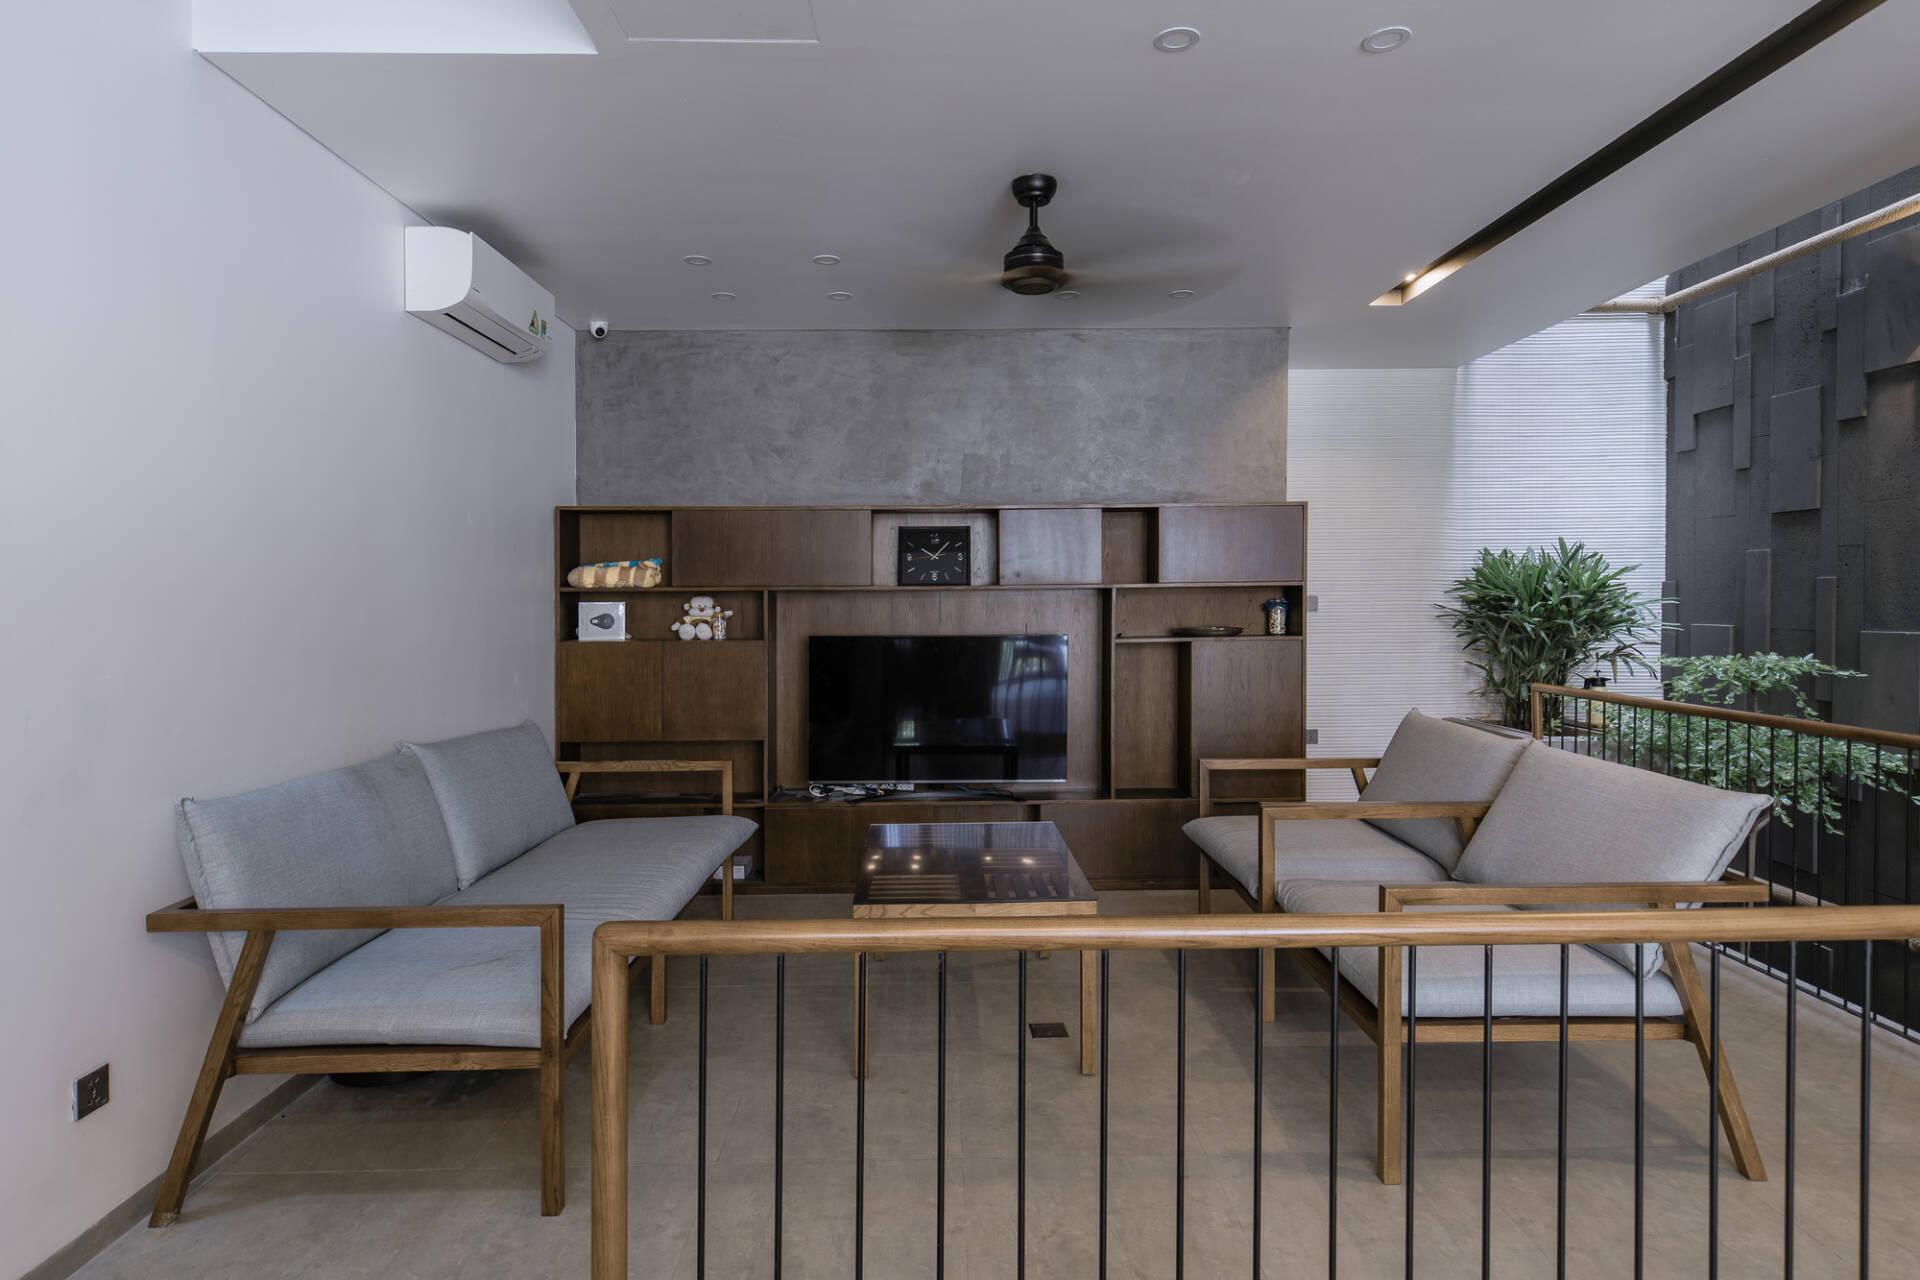 Phòng khách mộc mạc với một phần tường và sàn bằng bê tông. Đồ nội thất đơn giản nhưng ấm cúng